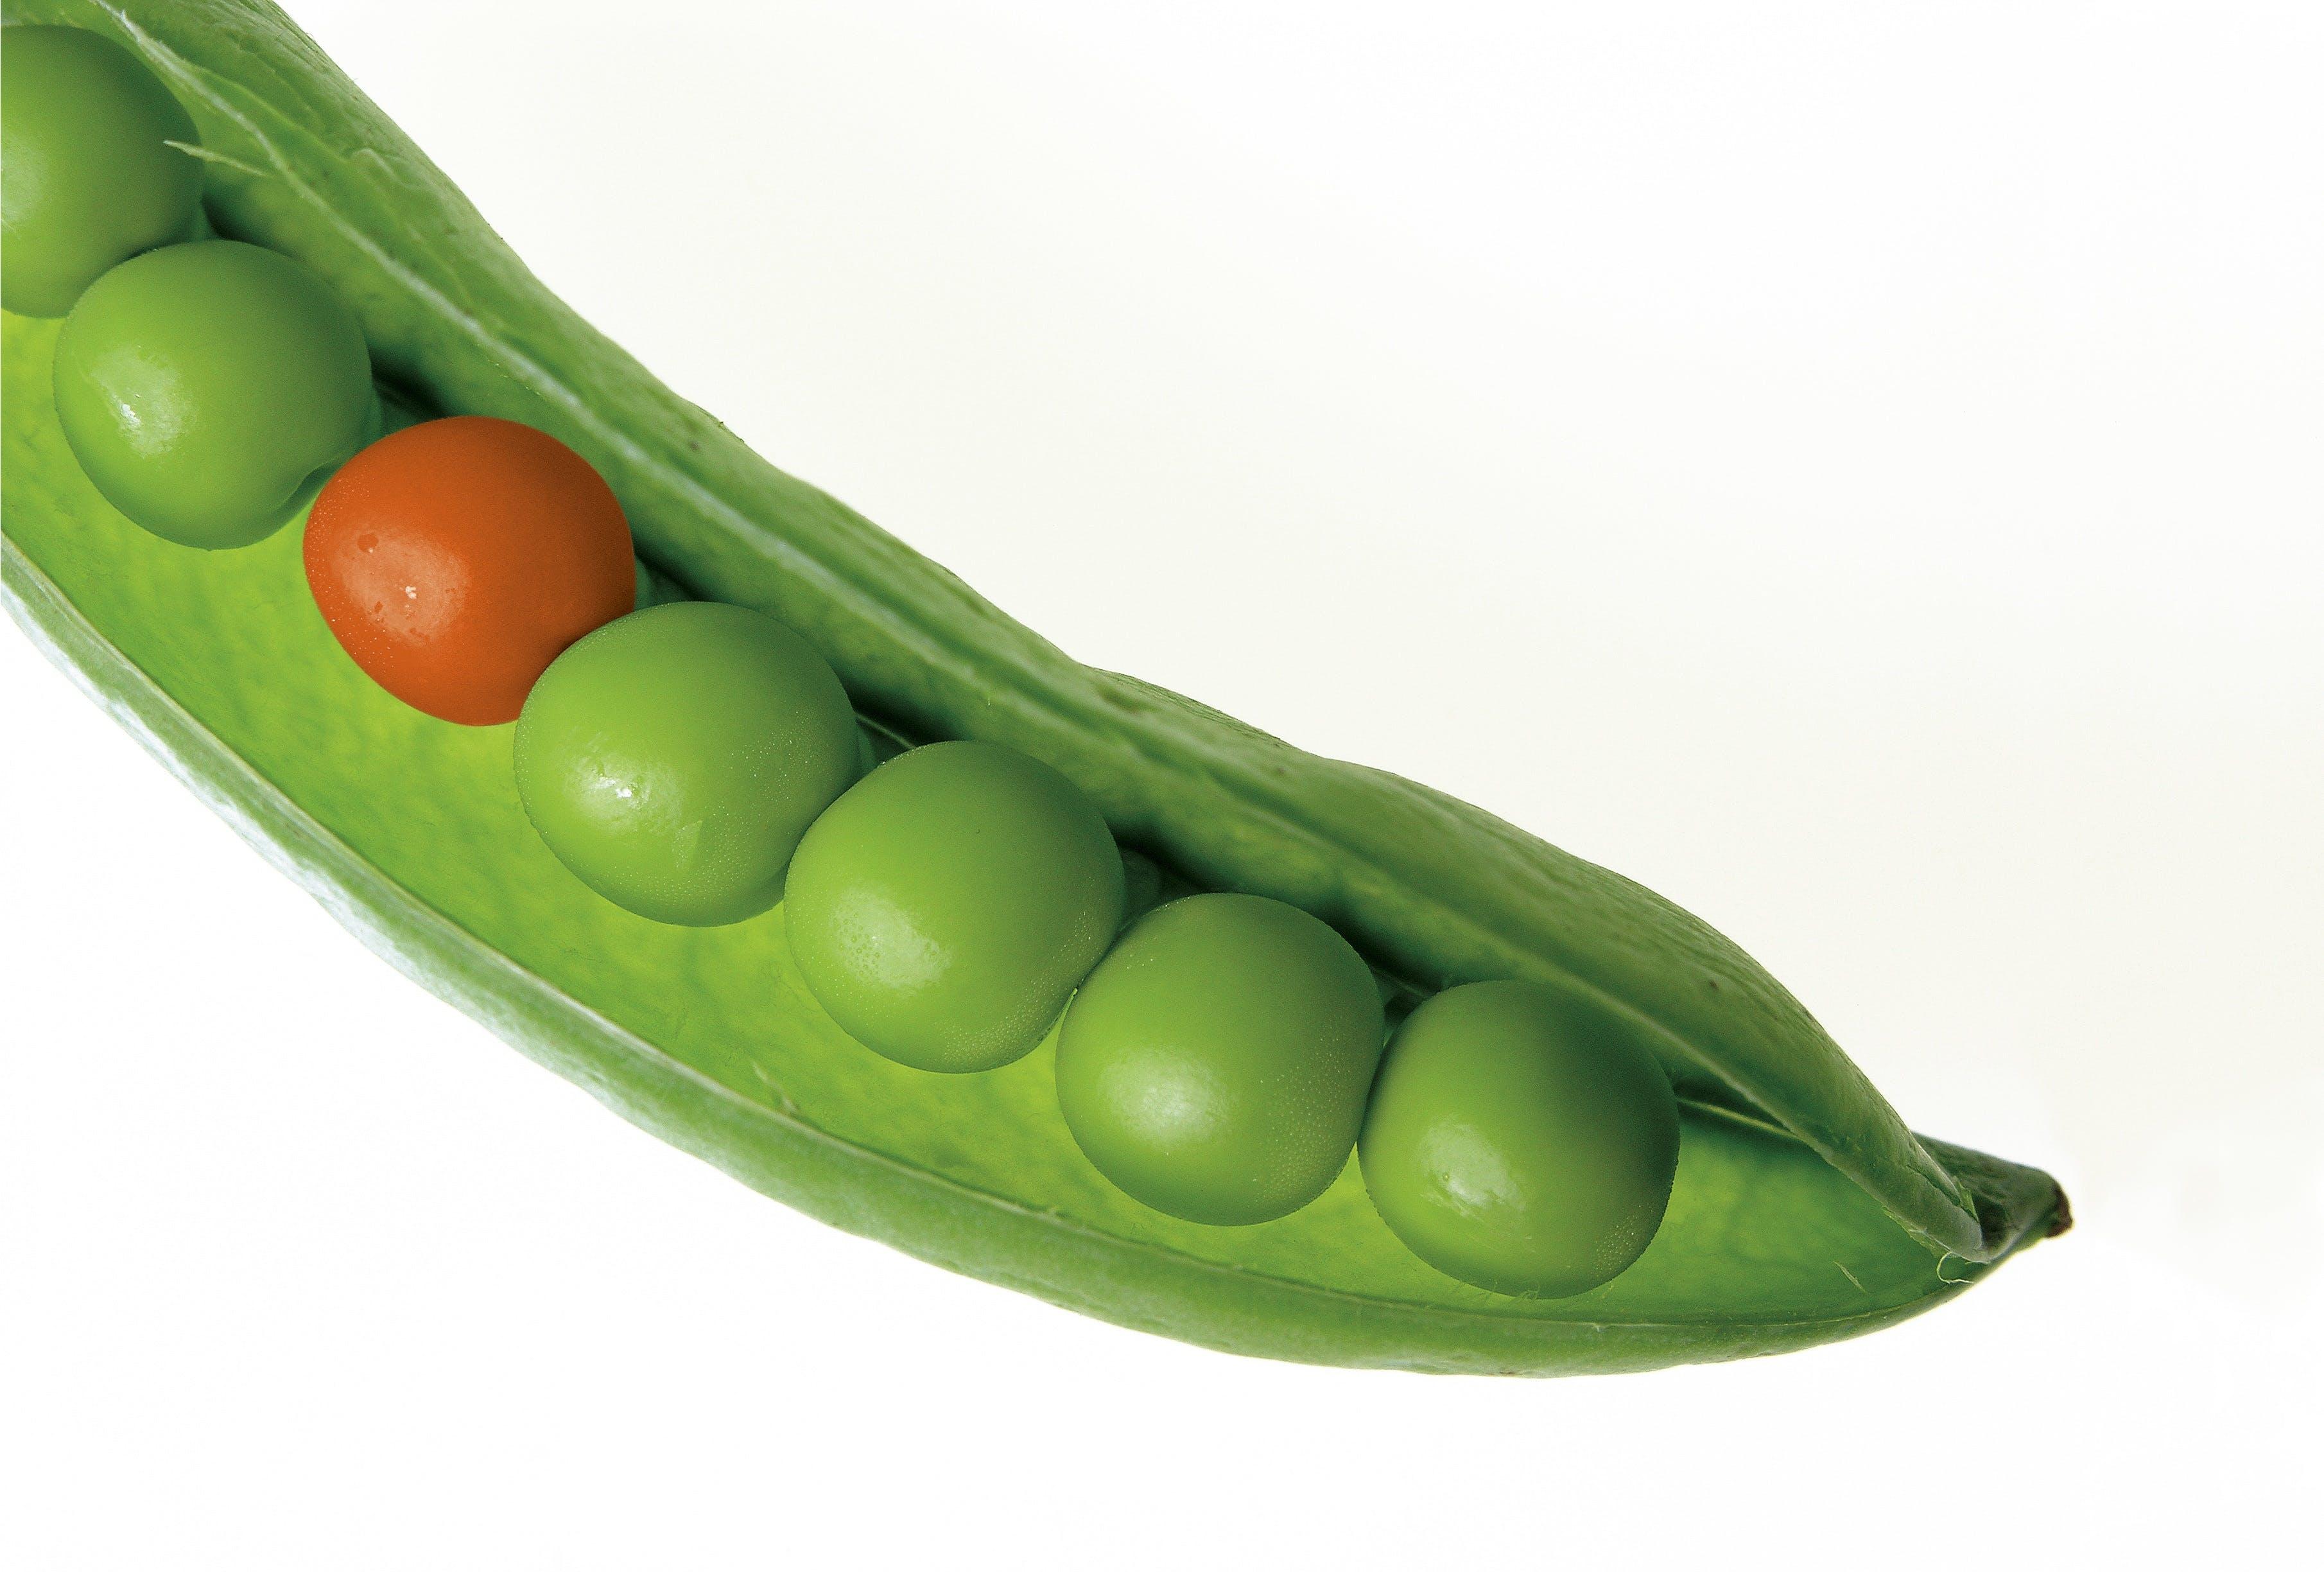 Kostenloses Stock Foto zu essen, pflanze, grün, frisch